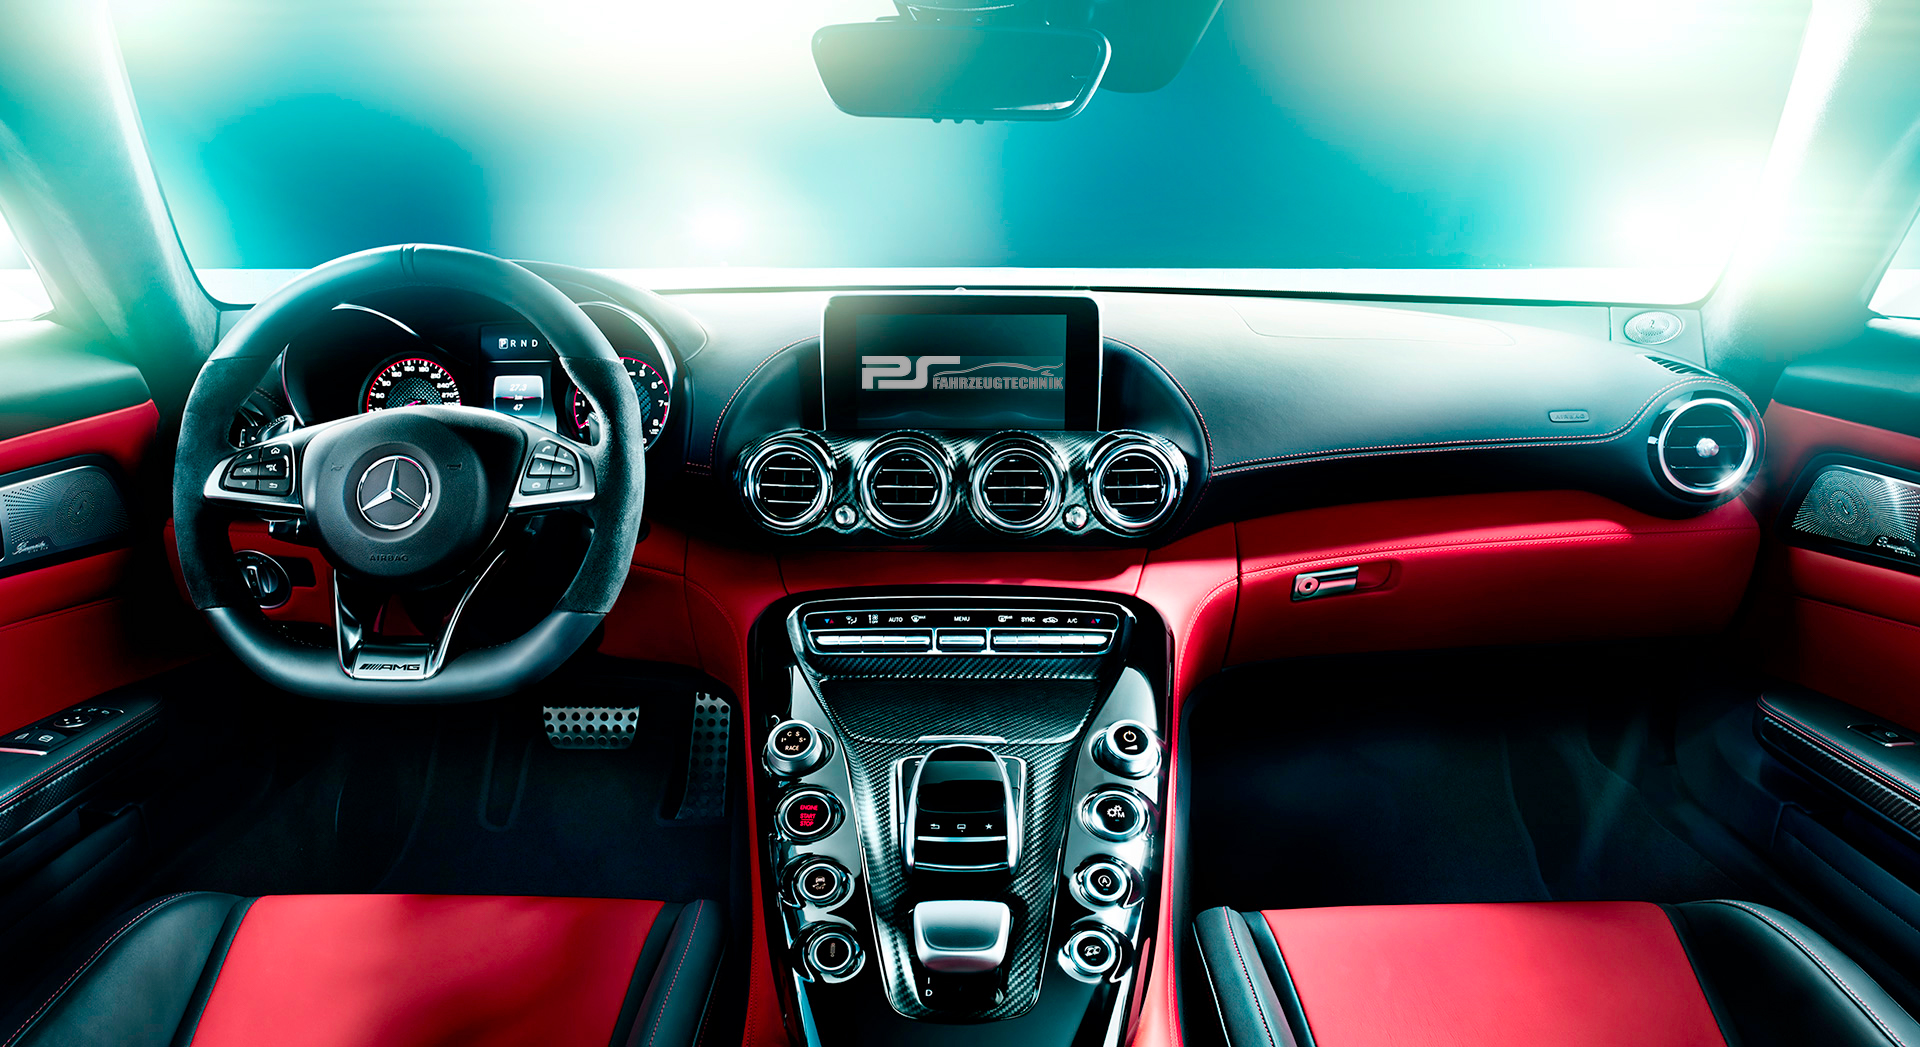 PS Fahrzeugtechnik Hintergrund